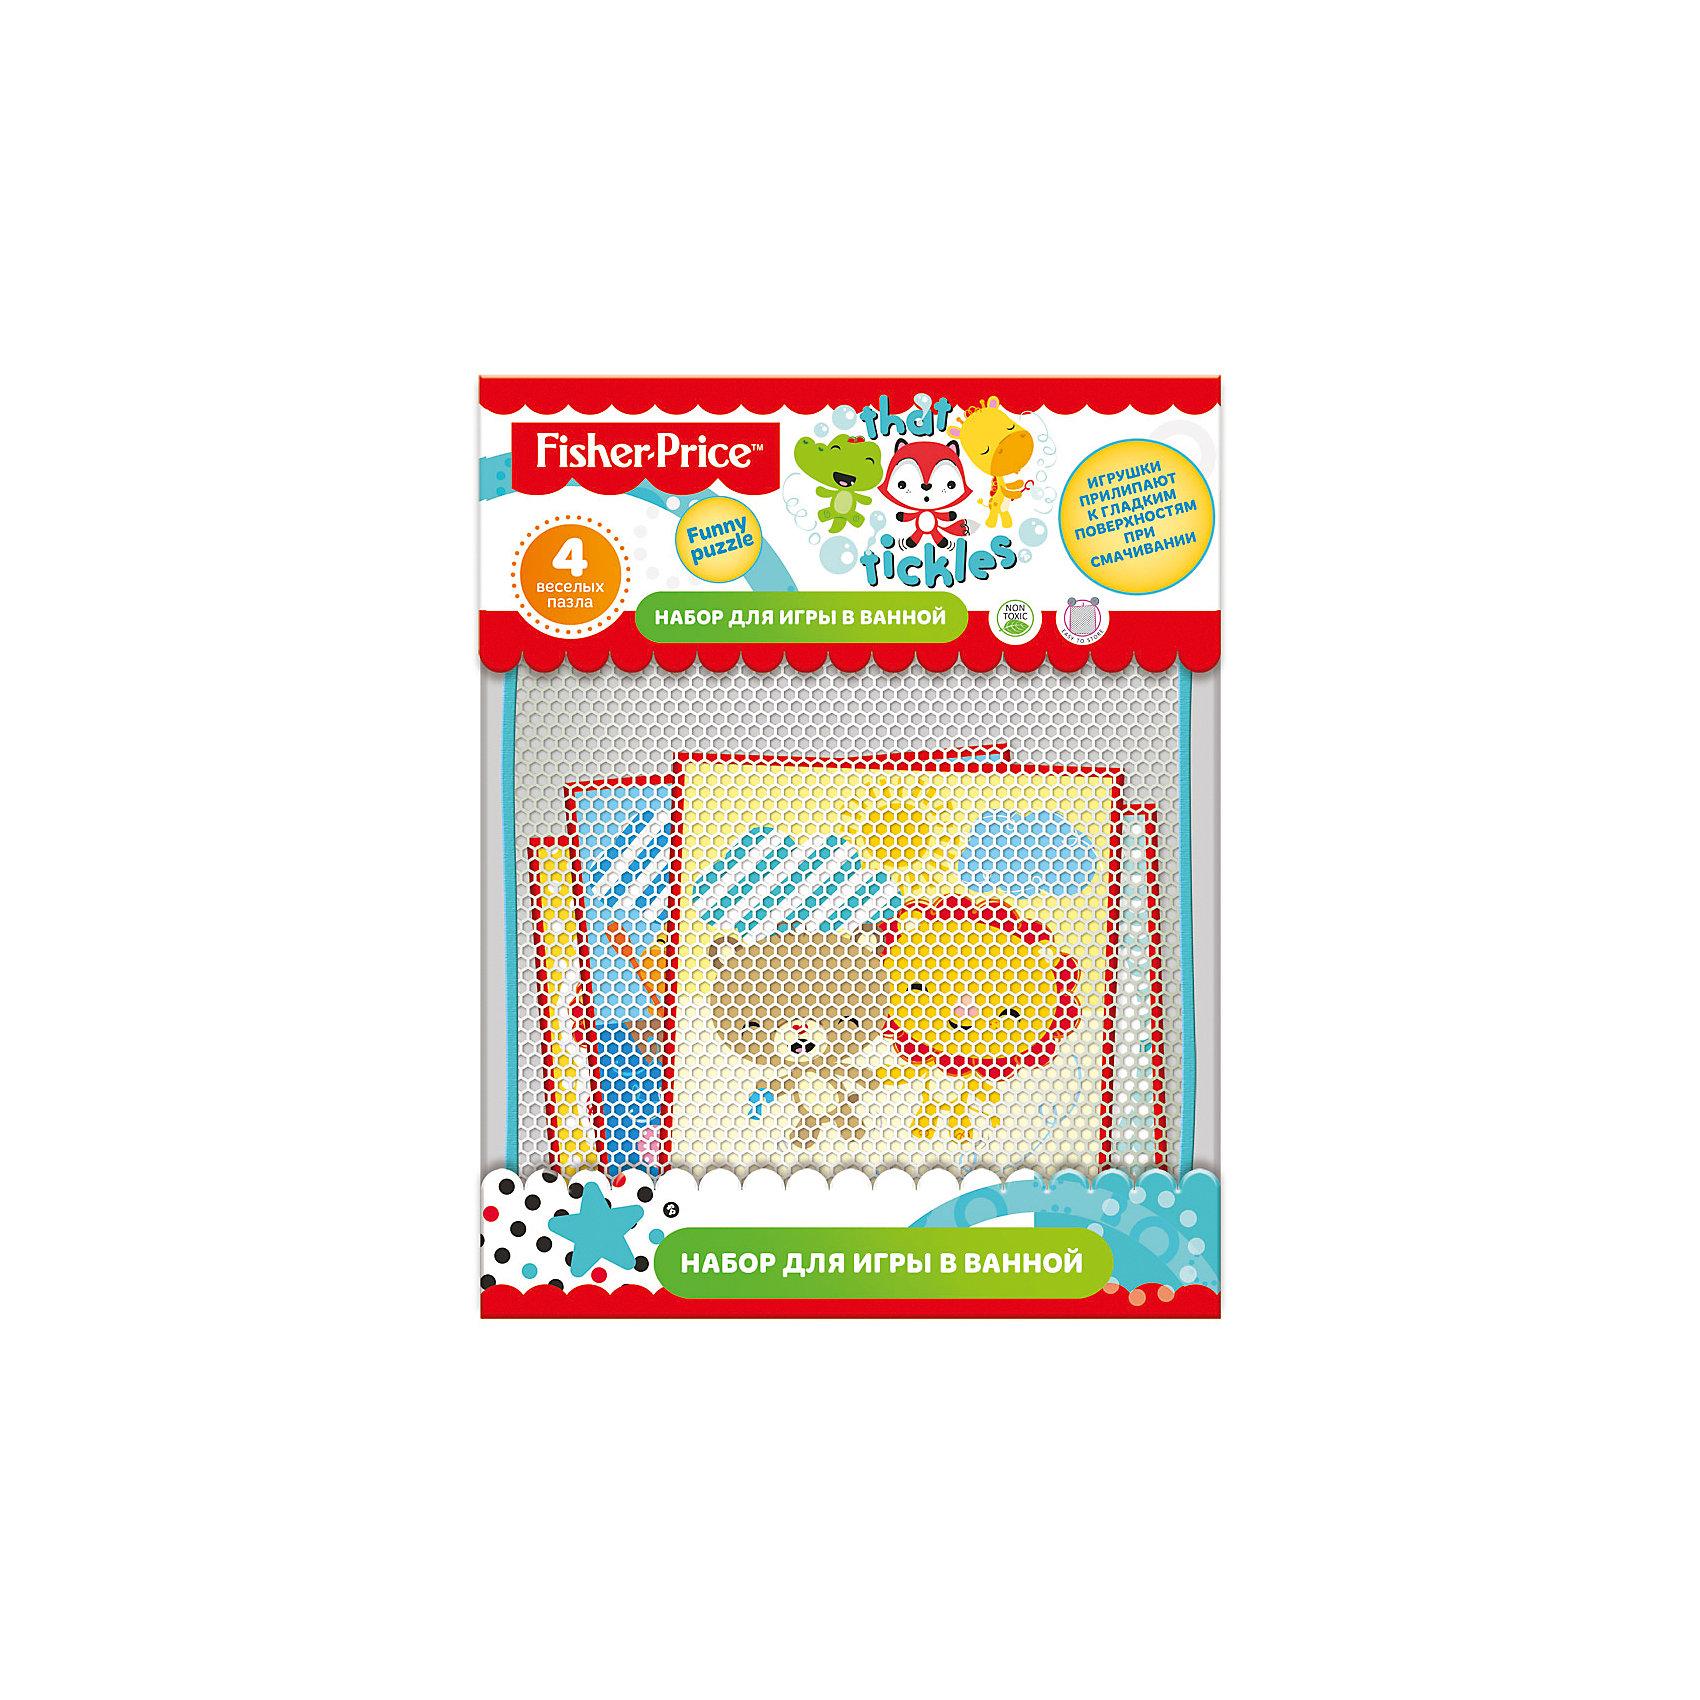 Набор для игры в ванне Funny puzzle, 4 пазла, Fisher PriceНабор для игры в ванной  Fisher Price Funny puzzle,изготовлен из эластичного, гипоаллергенного материала.  При намачивании фигурки легко приклеиваются и отклеиваются от кафеля. Форма игрушек идеальна для маленьких ручкек. Все упаковано в удобную сумку-сетку на присосках, которую тоже можно прикрепить к стенке.<br><br>Ширина мм: 300<br>Глубина мм: 430<br>Высота мм: 235<br>Вес г: 308<br>Возраст от месяцев: 0<br>Возраст до месяцев: 72<br>Пол: Унисекс<br>Возраст: Детский<br>SKU: 5475459